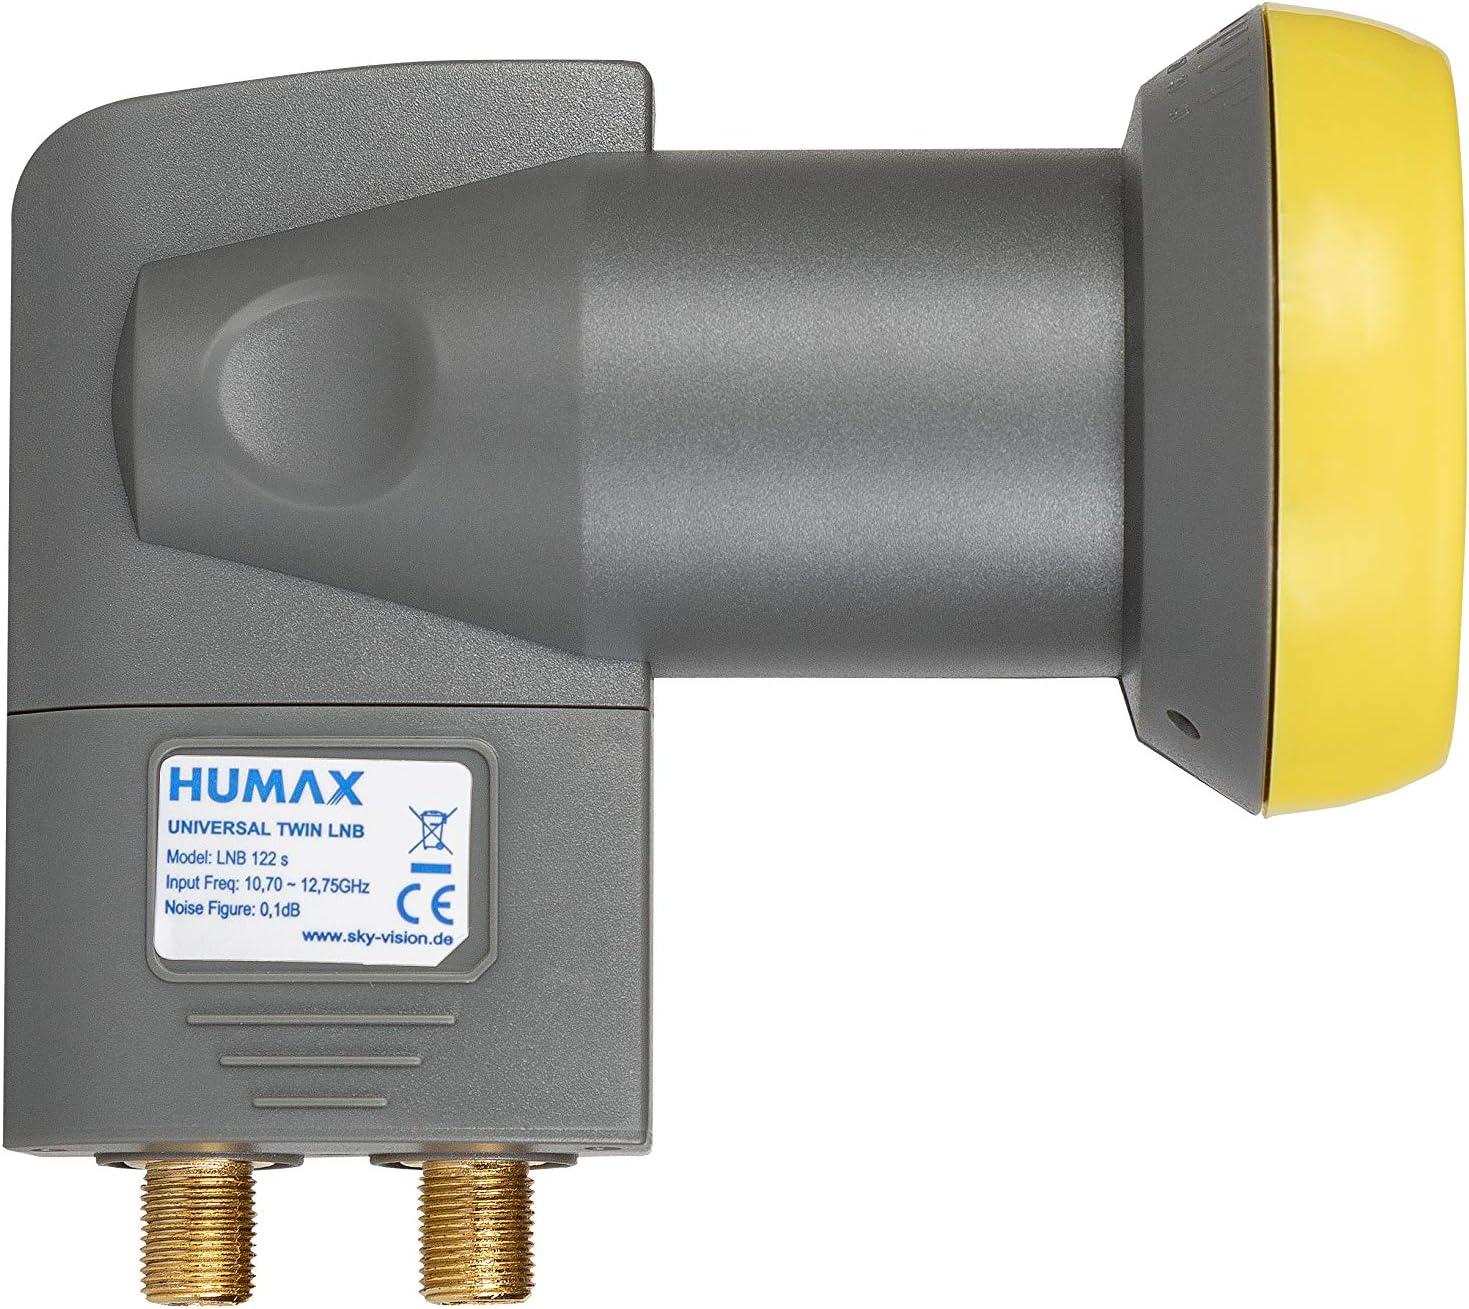 Humax Lnb 122 Gold Twin Universal Lnb Elektronik